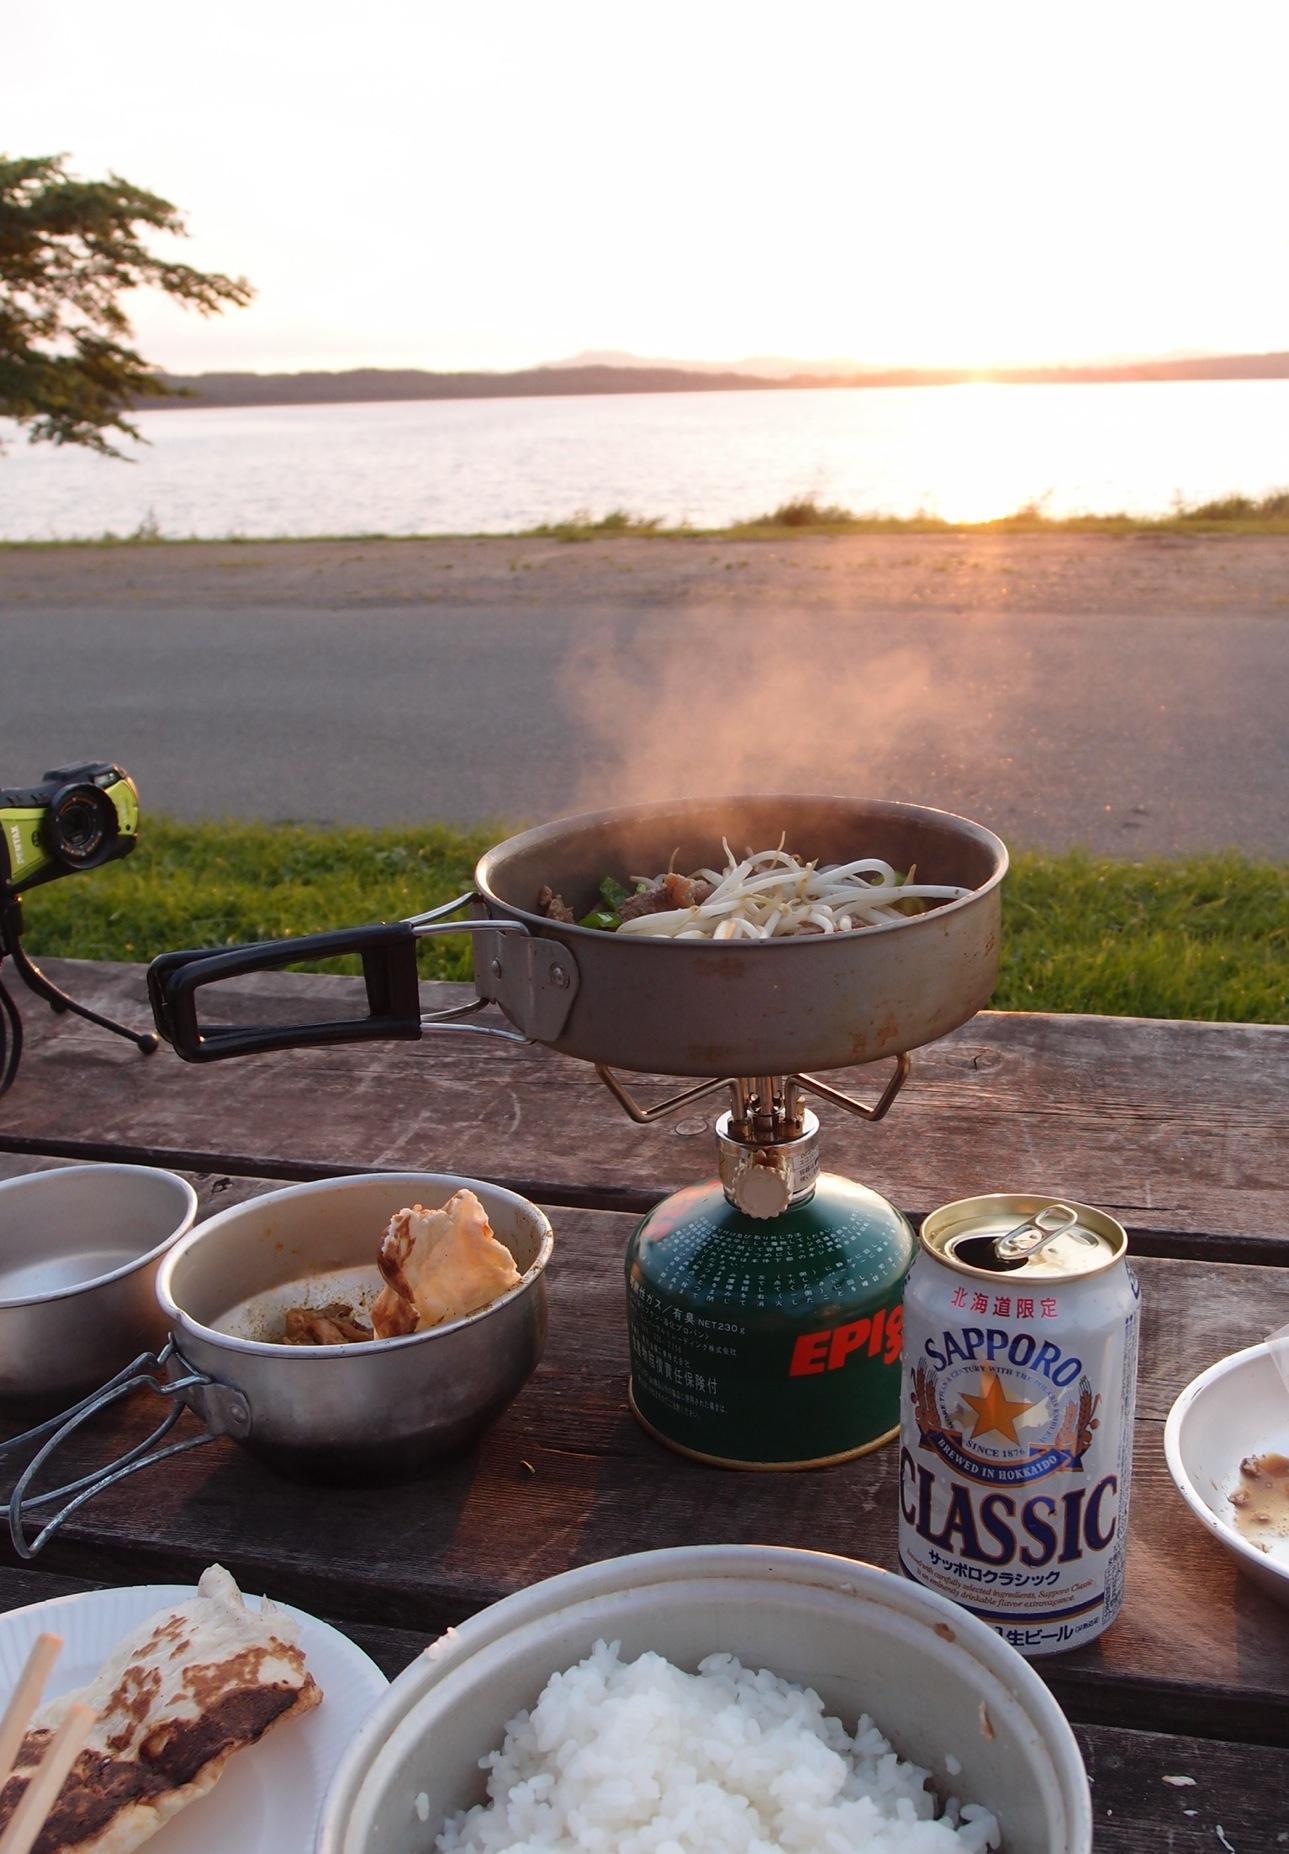 必要最少限のキッチン〜北海道湖畔キャンプ_a0116902_2253974.jpg